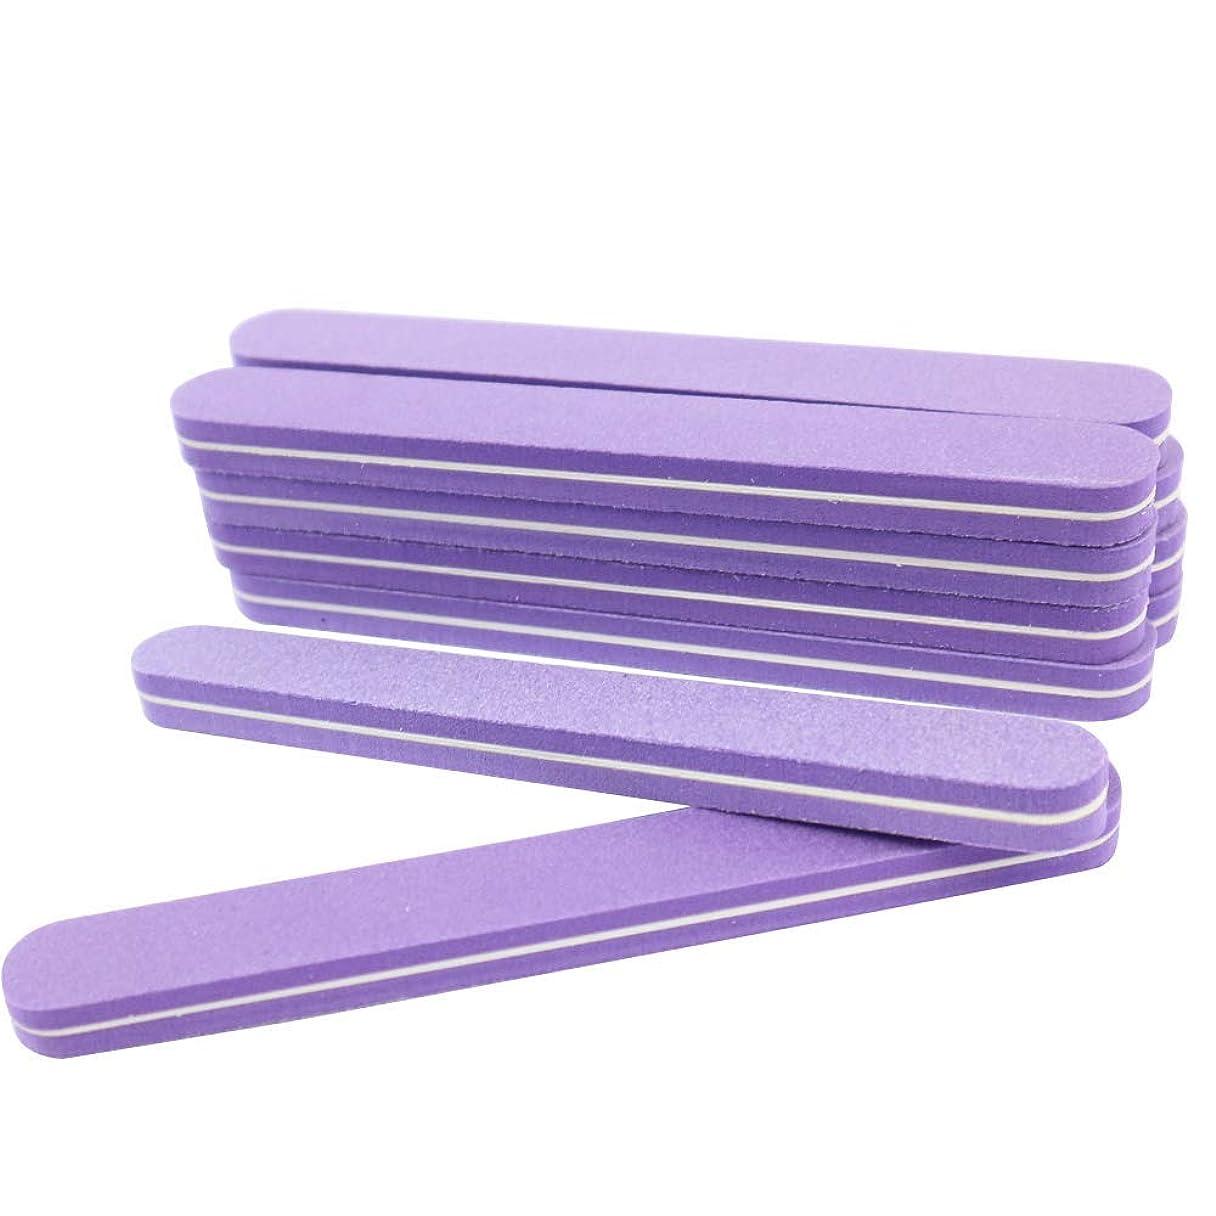 (値下げ)ネイル用 2WAYシャイナー 10本セット おうちで爪磨き 選べる2タイプ (形状:ストレート)